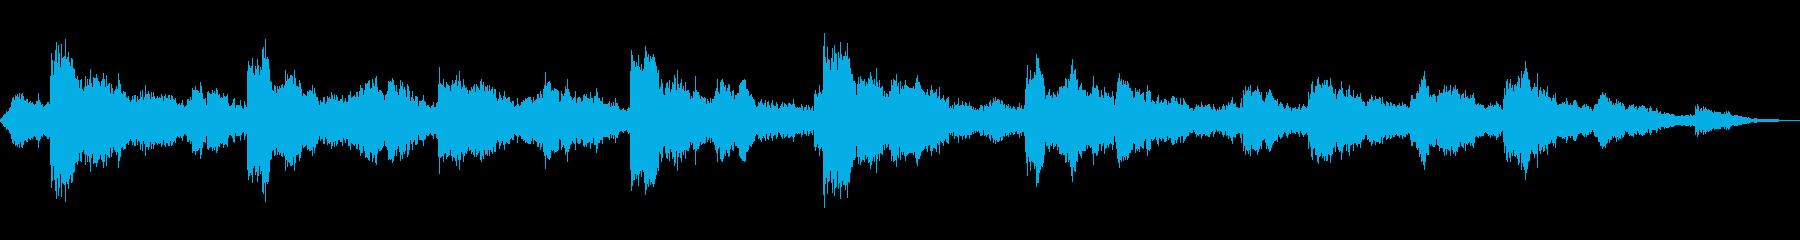 教会の鐘が鳴るの再生済みの波形